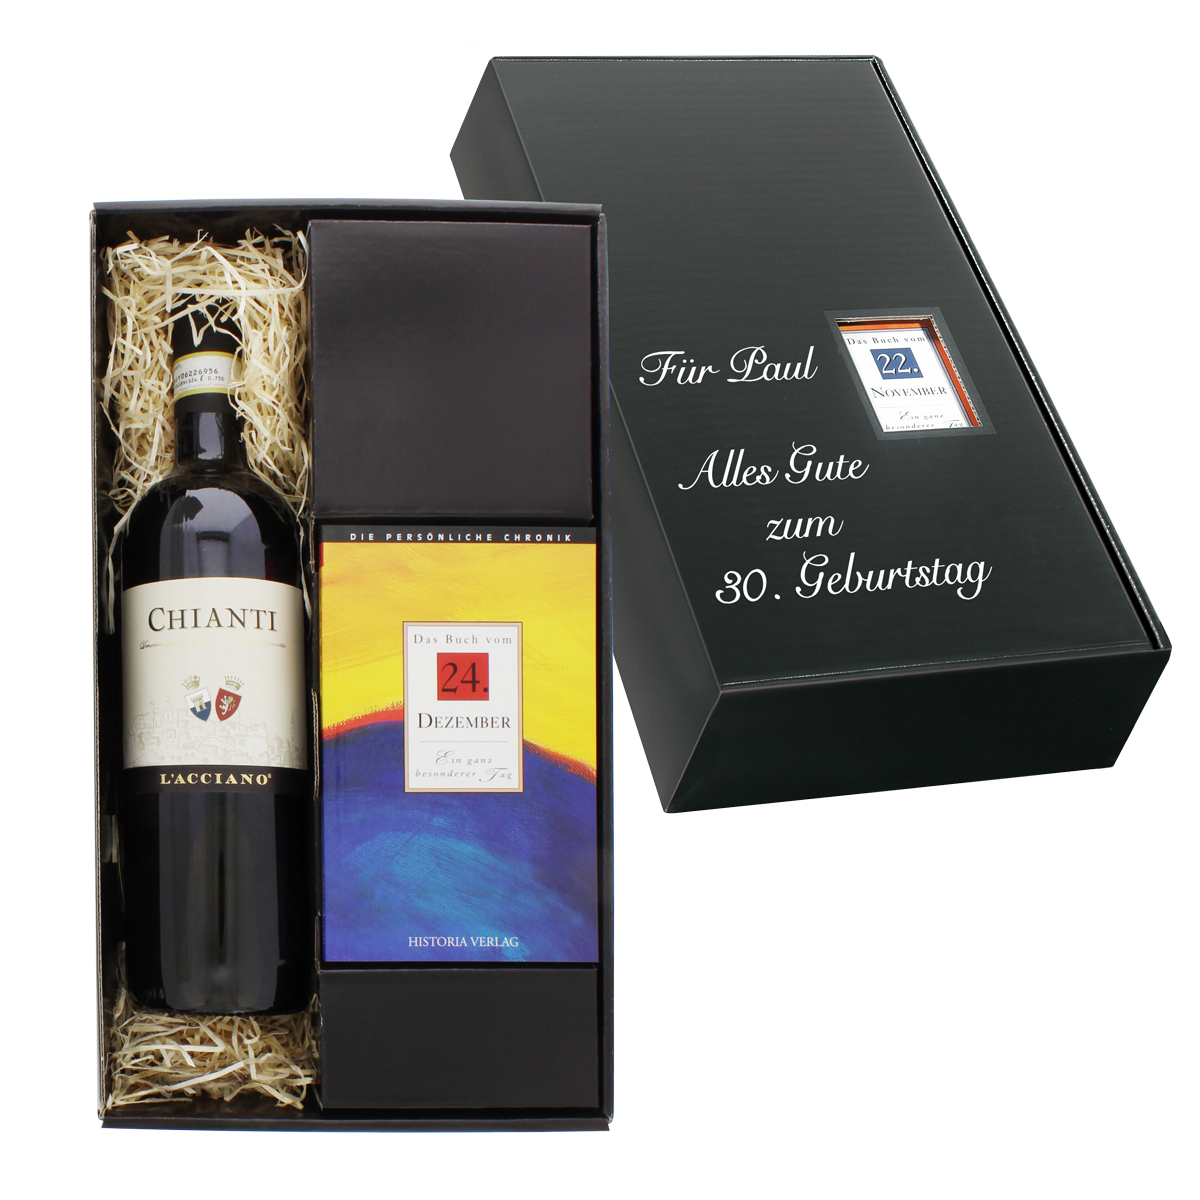 Italien-Set: Tageschronik vom 11. M?rz & Chianti-Wein